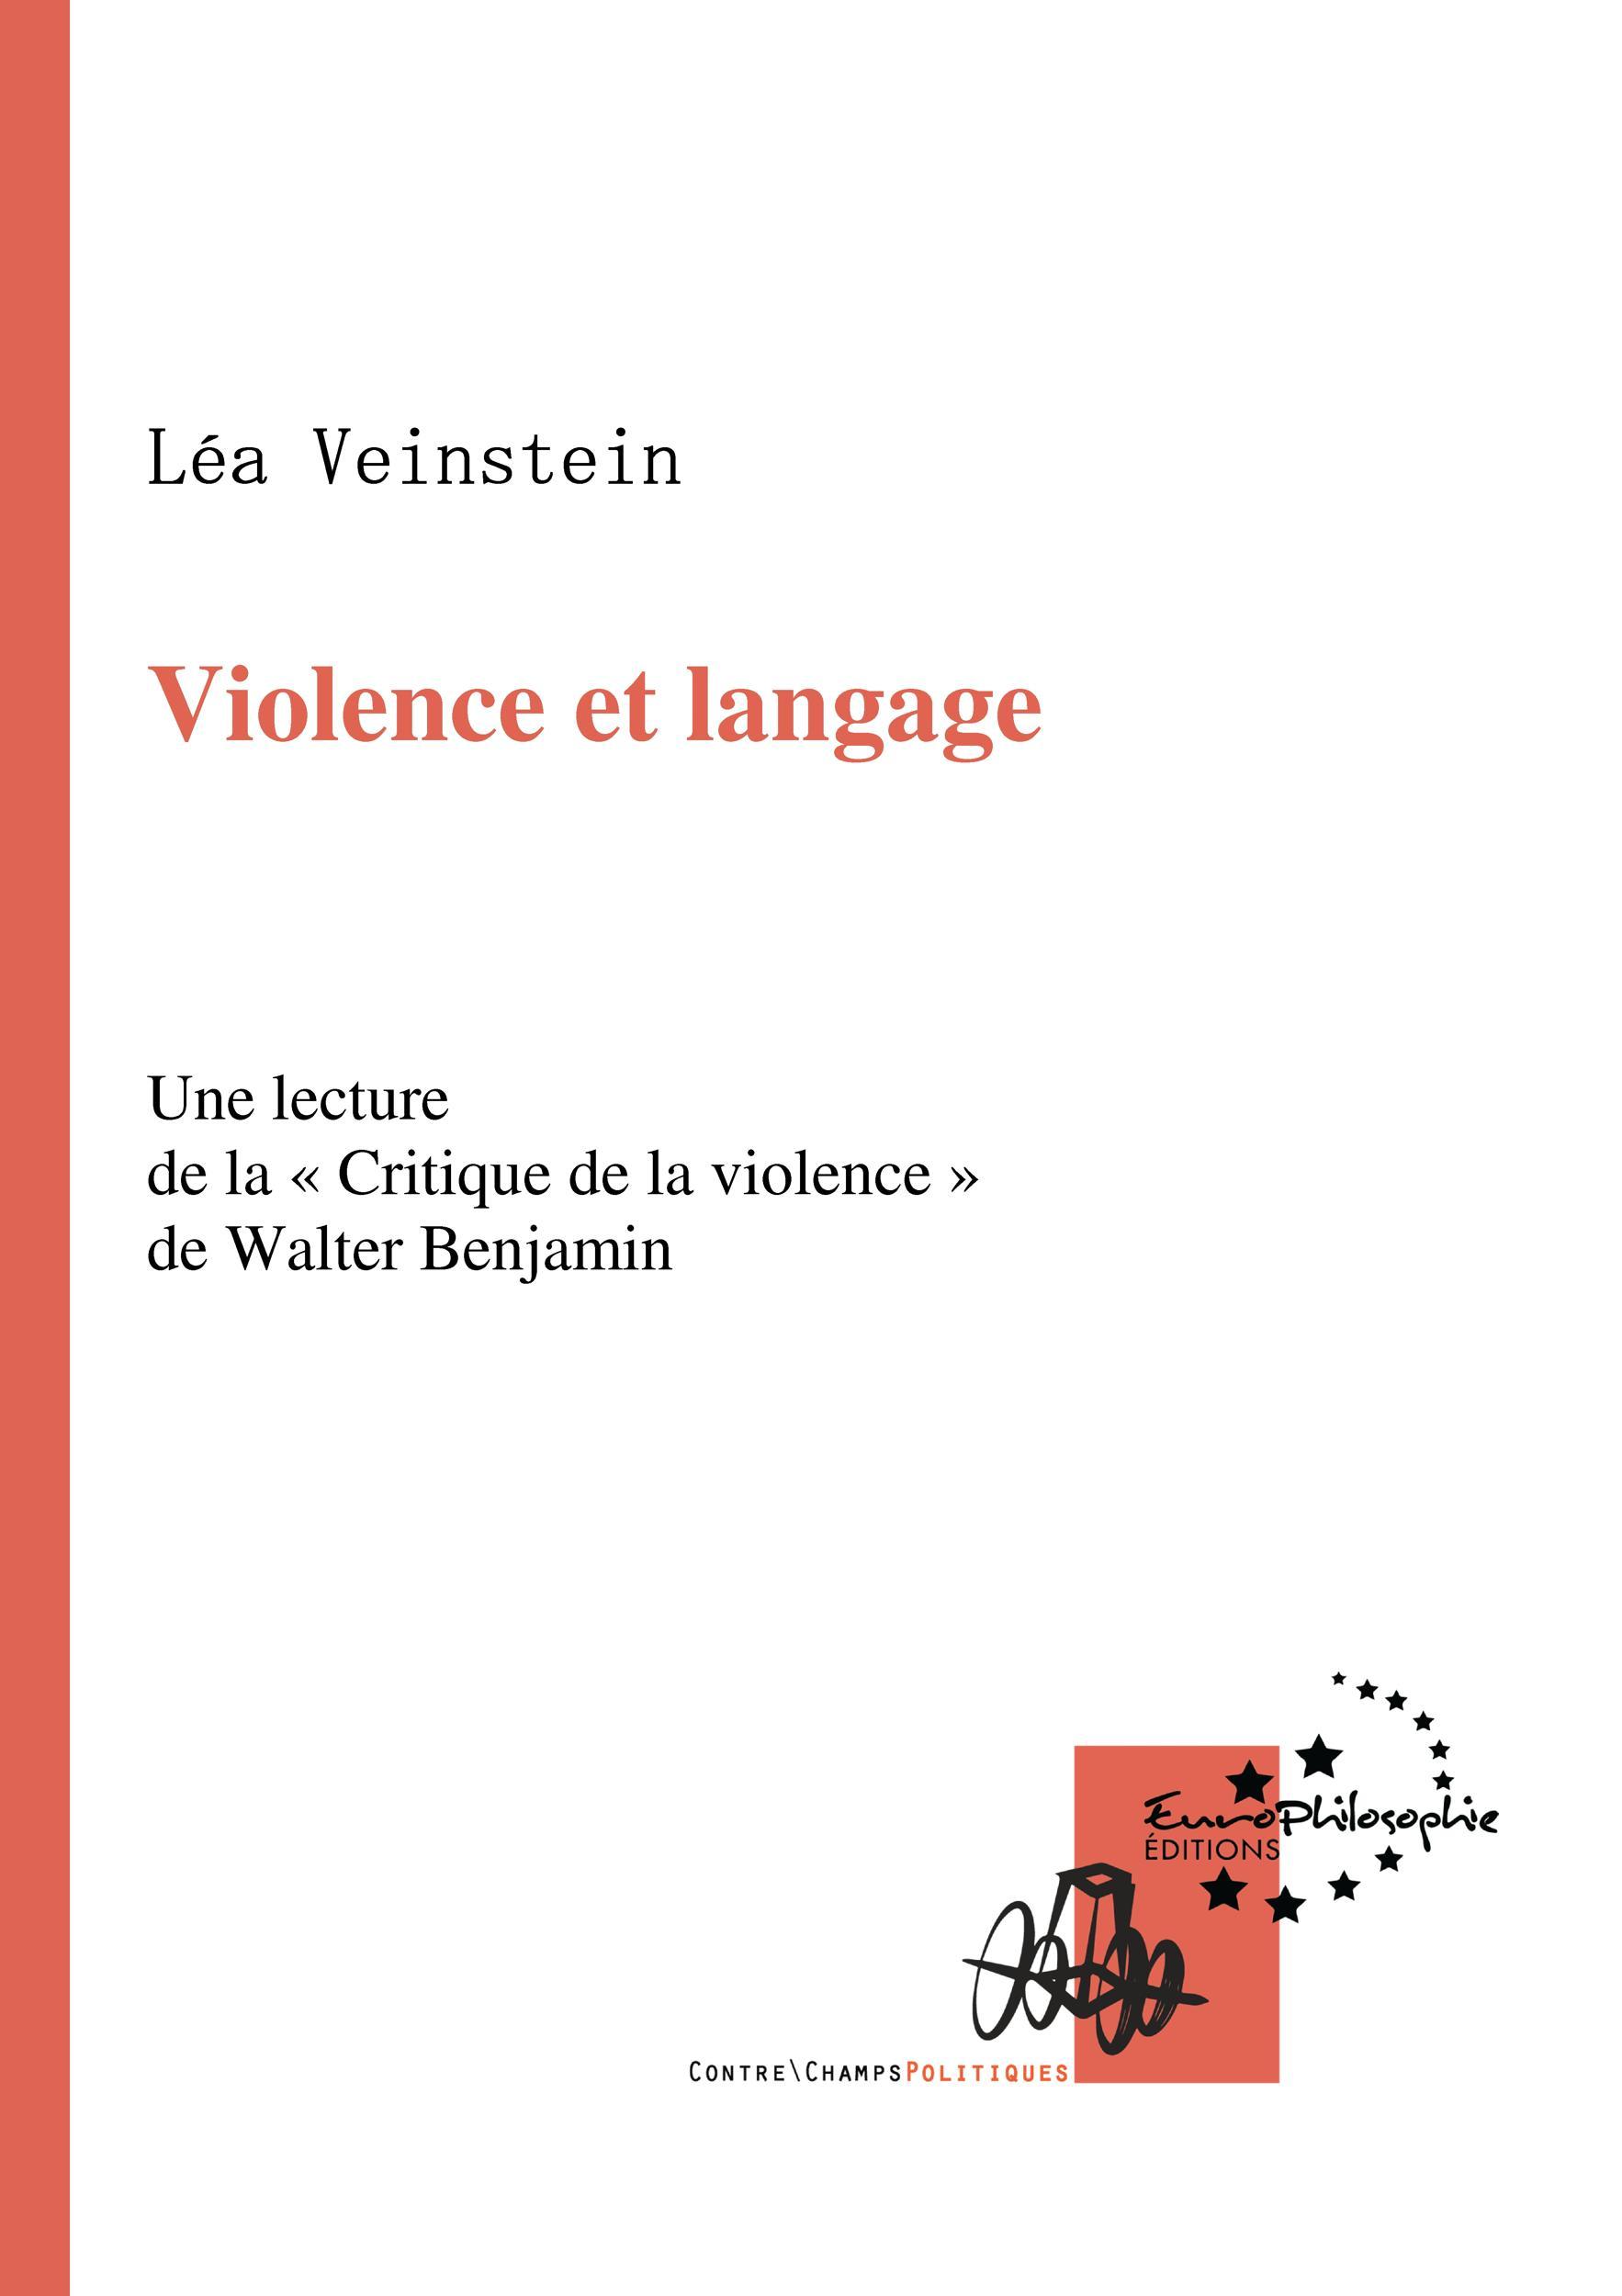 Violence et langage, UNE LECTURE DE LA «CRITIQUE DE LA VIOLENCE» DE WALTER BENJAMIN